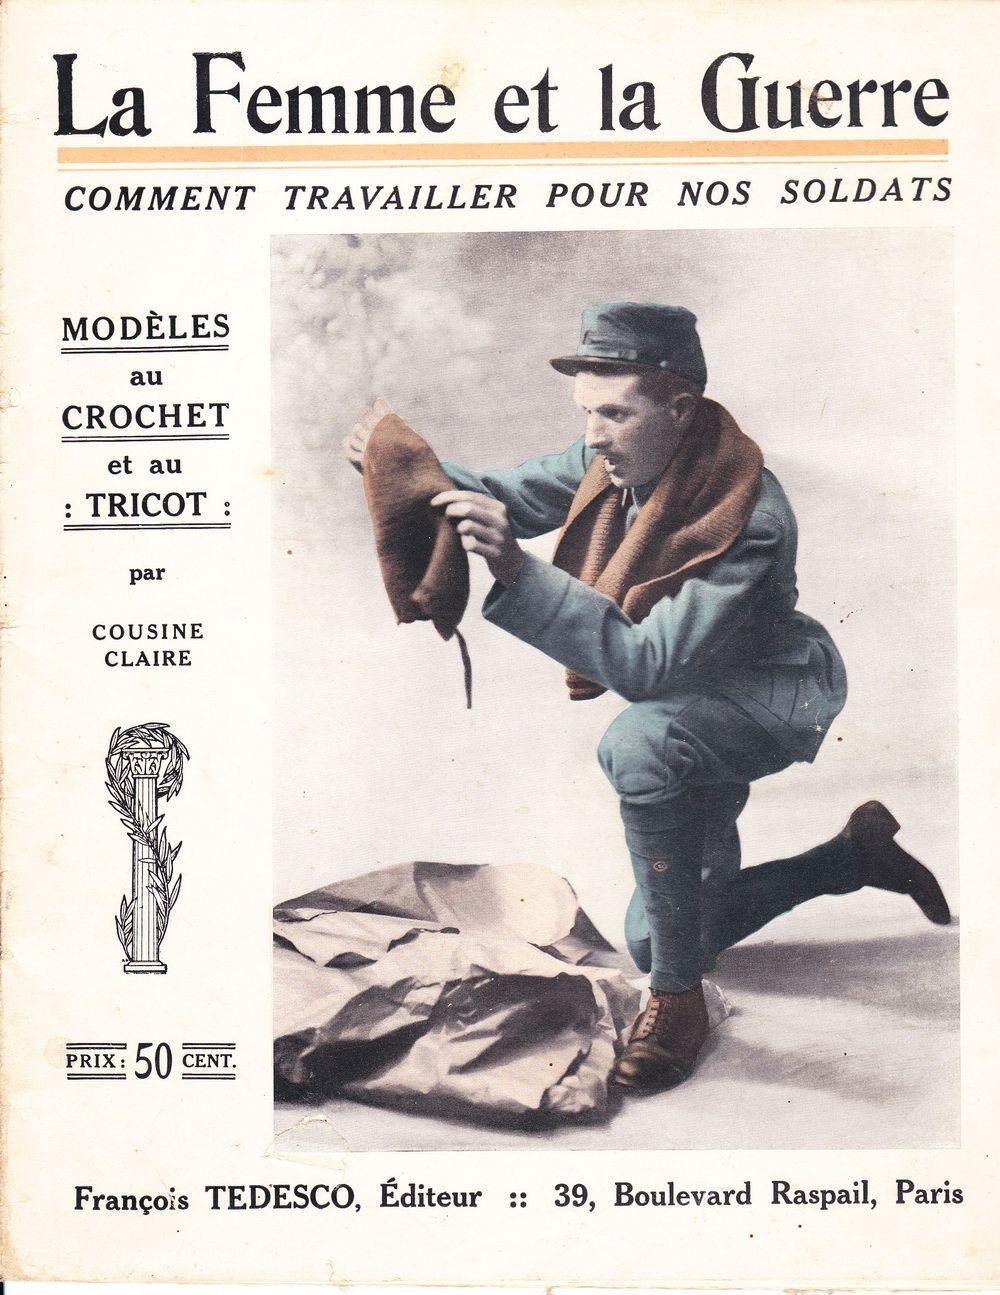 Epingle Sur Histoires De Chaussettes 1 B Tricoter Pendant Les Deux Guerres Mondiales Knitting Durinng Ww1 Ww2